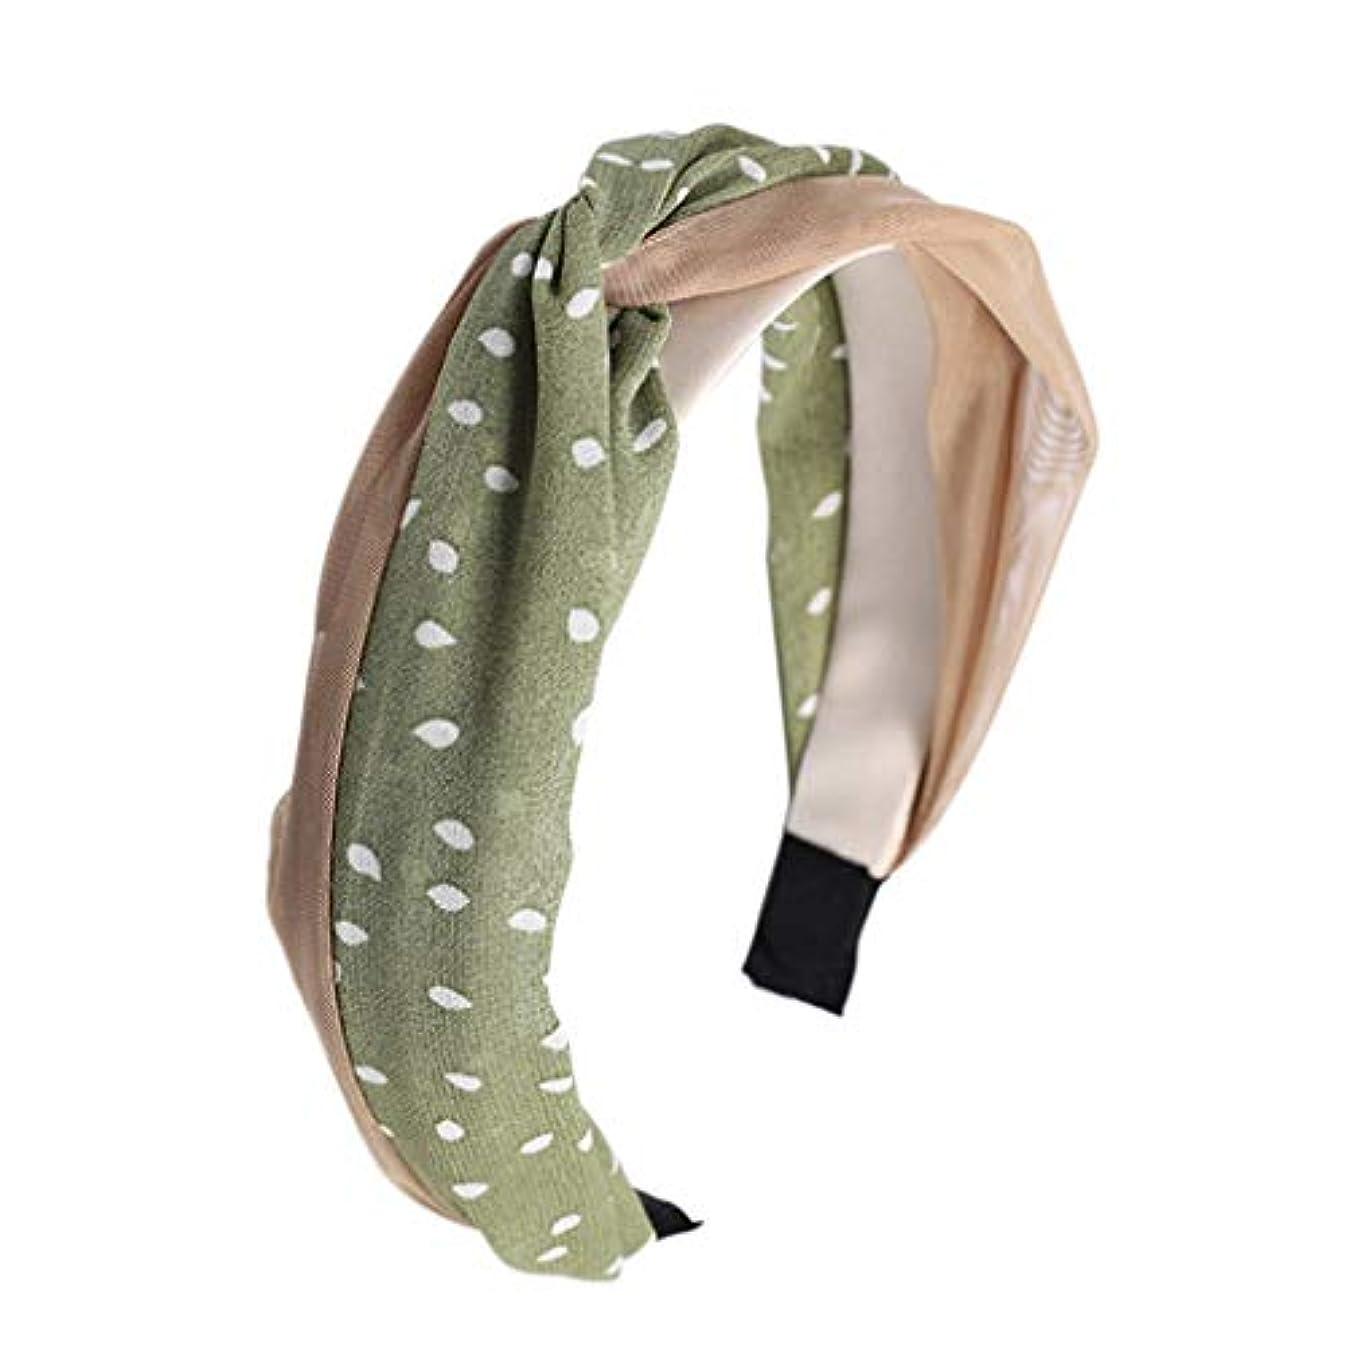 ひも竜巻キャストManyao 韓国風の新鮮な女性のメッシュポルカドットヘッドバンドヴィンテージツイスト結び目ワイヤーヘアフープ (緑)